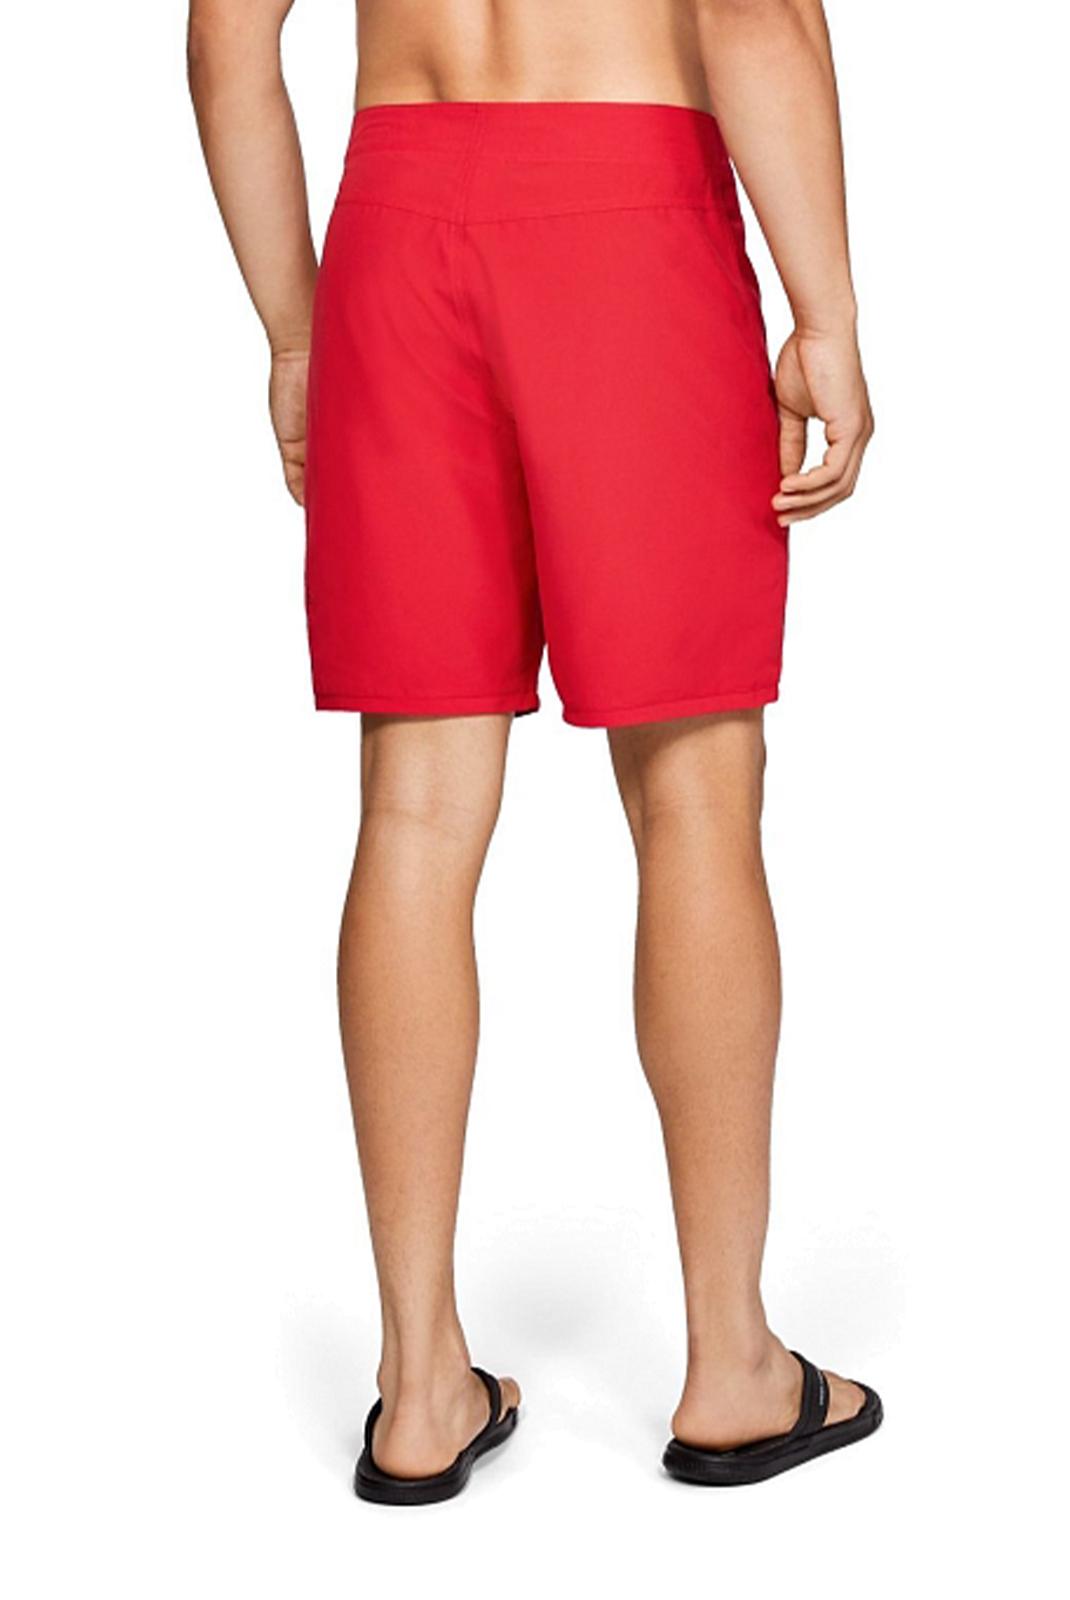 Shorts de bain  Under armour UA1325890 600-RED